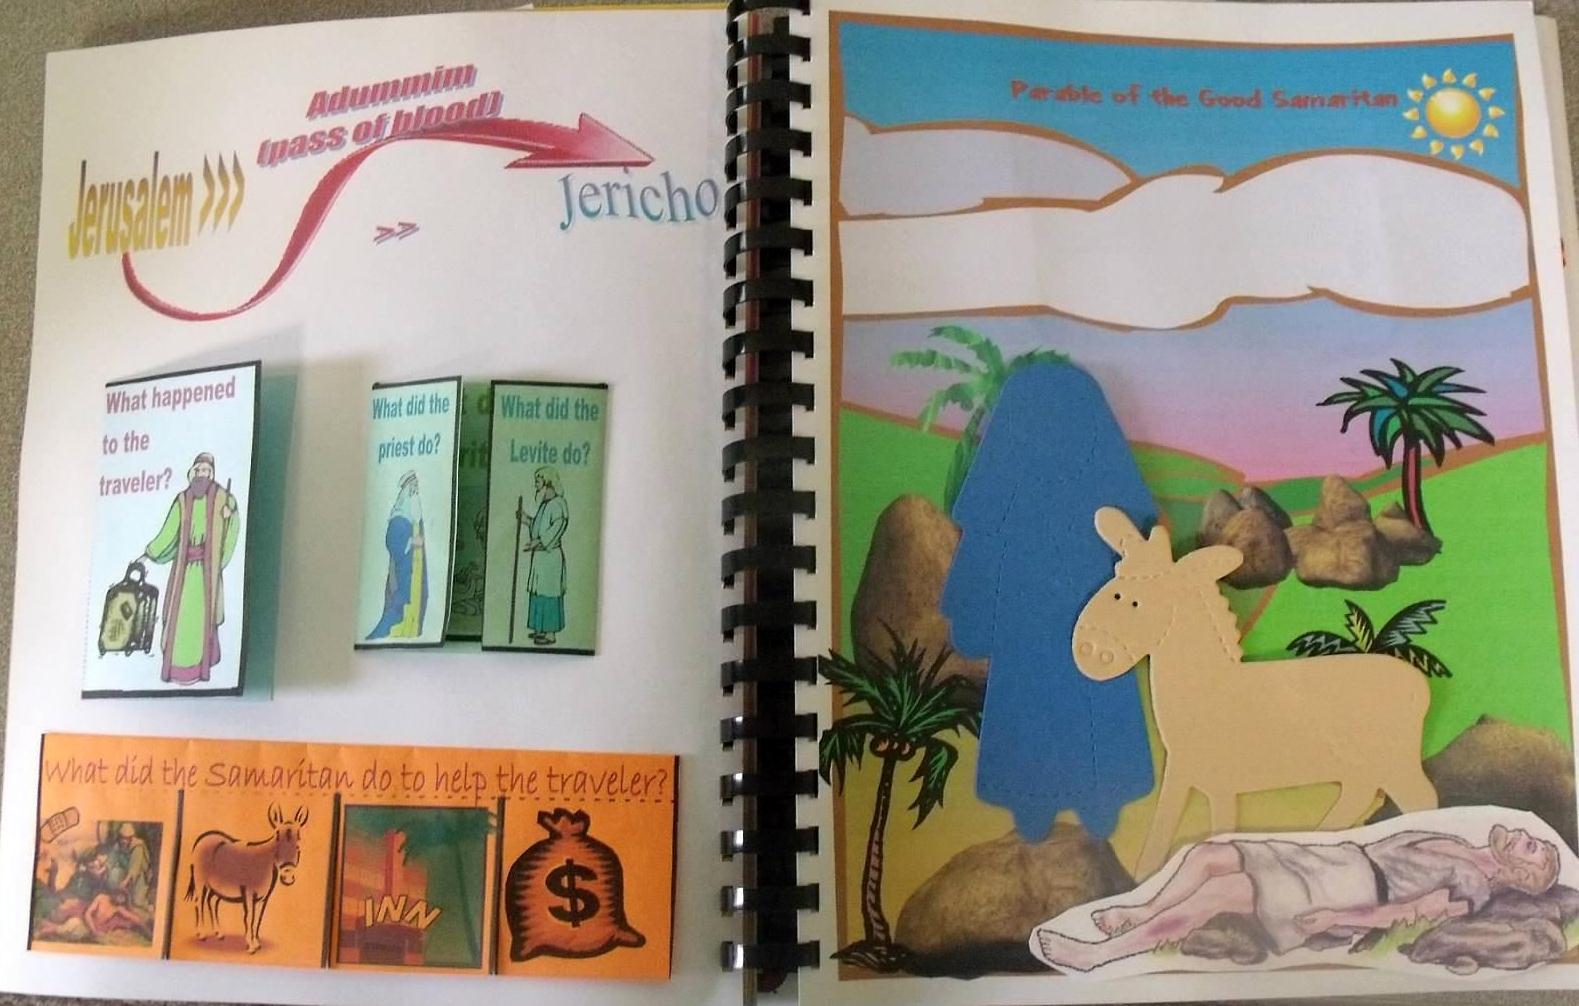 Bible Fun For Kids The Good Samaritan